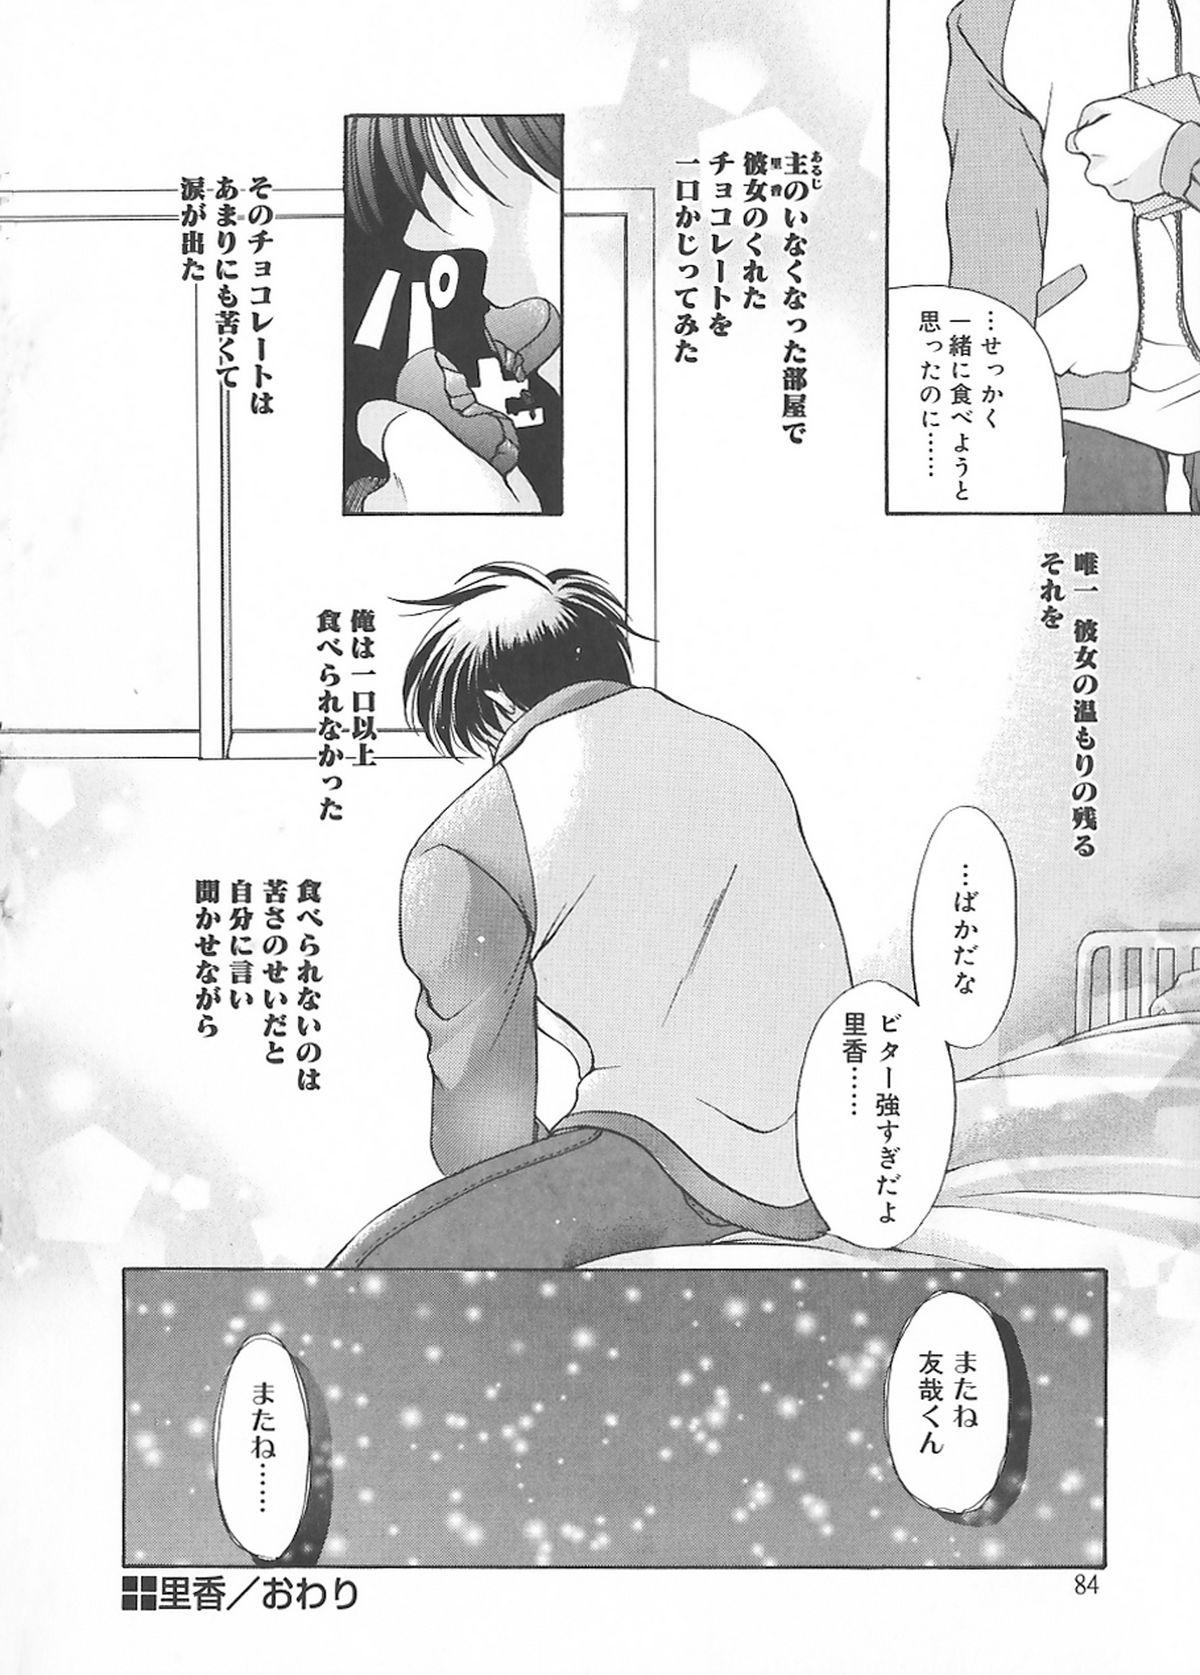 Cream Tengoku - Shinsouban 81